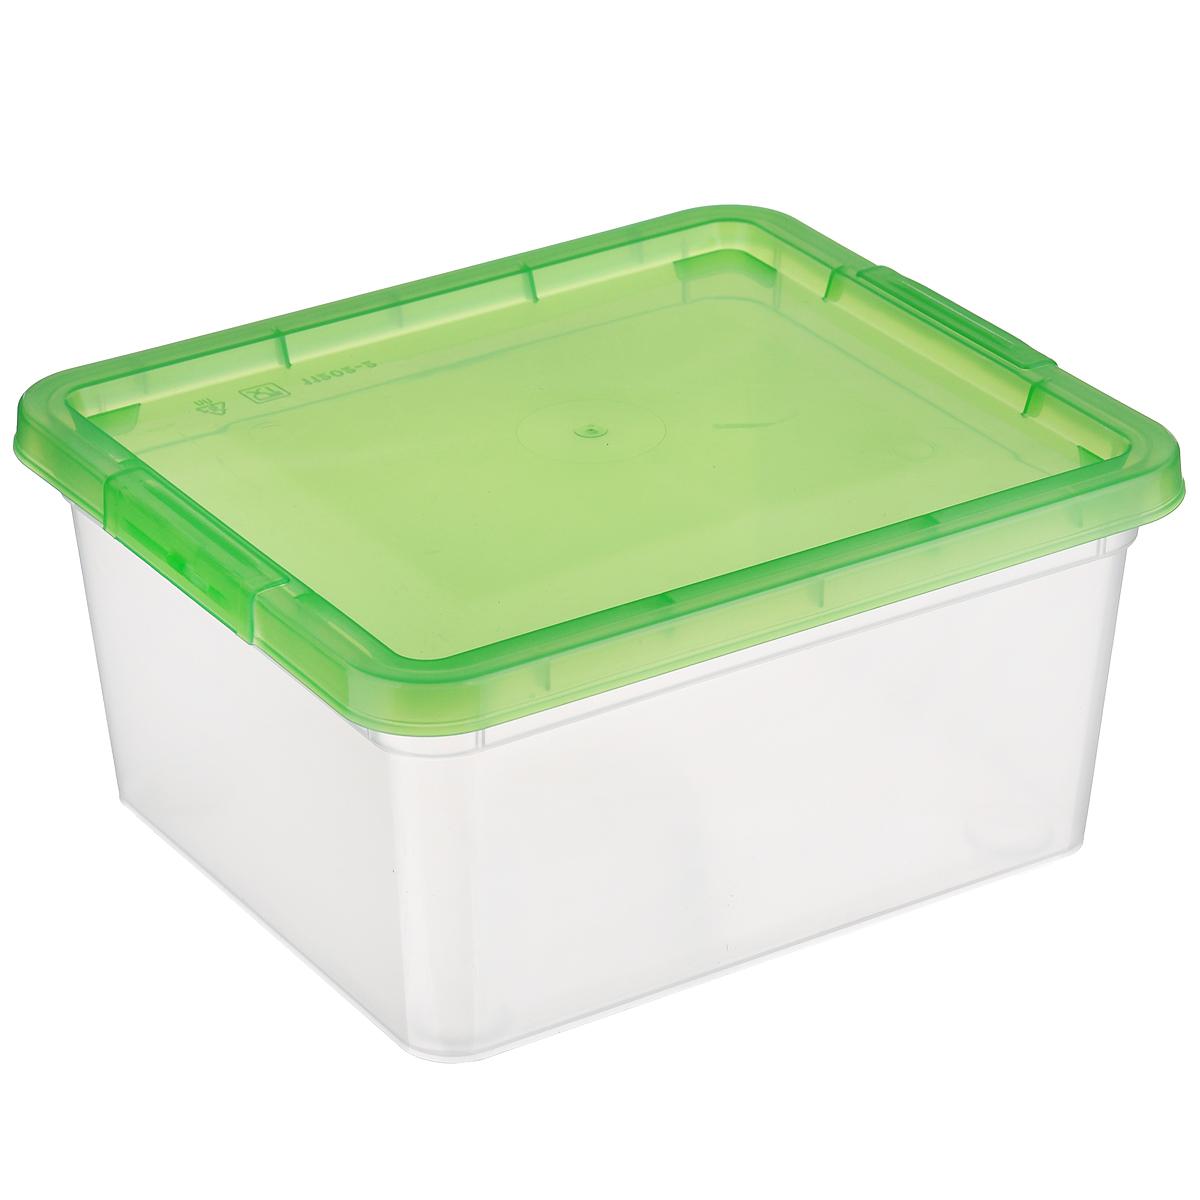 Коробка для мелочей Полимербыт, цвет: зеленый, 1,9 л74-0120Коробка для мелочей Полимербыт изготовлена из прочного пластика. Стенки изделия прозрачные, что позволяет видеть содержимое. Цветная полупрозрачная крышка плотно закрывается и легко открывается. Коробка идеально подходит для хранения различных мелких бытовых предметов, таких как канцелярские принадлежности, аксессуары для рукоделия и т.д. Такая коробка сохранит все мелкие предметы в одном месте и поможет поддерживать в доме порядок.